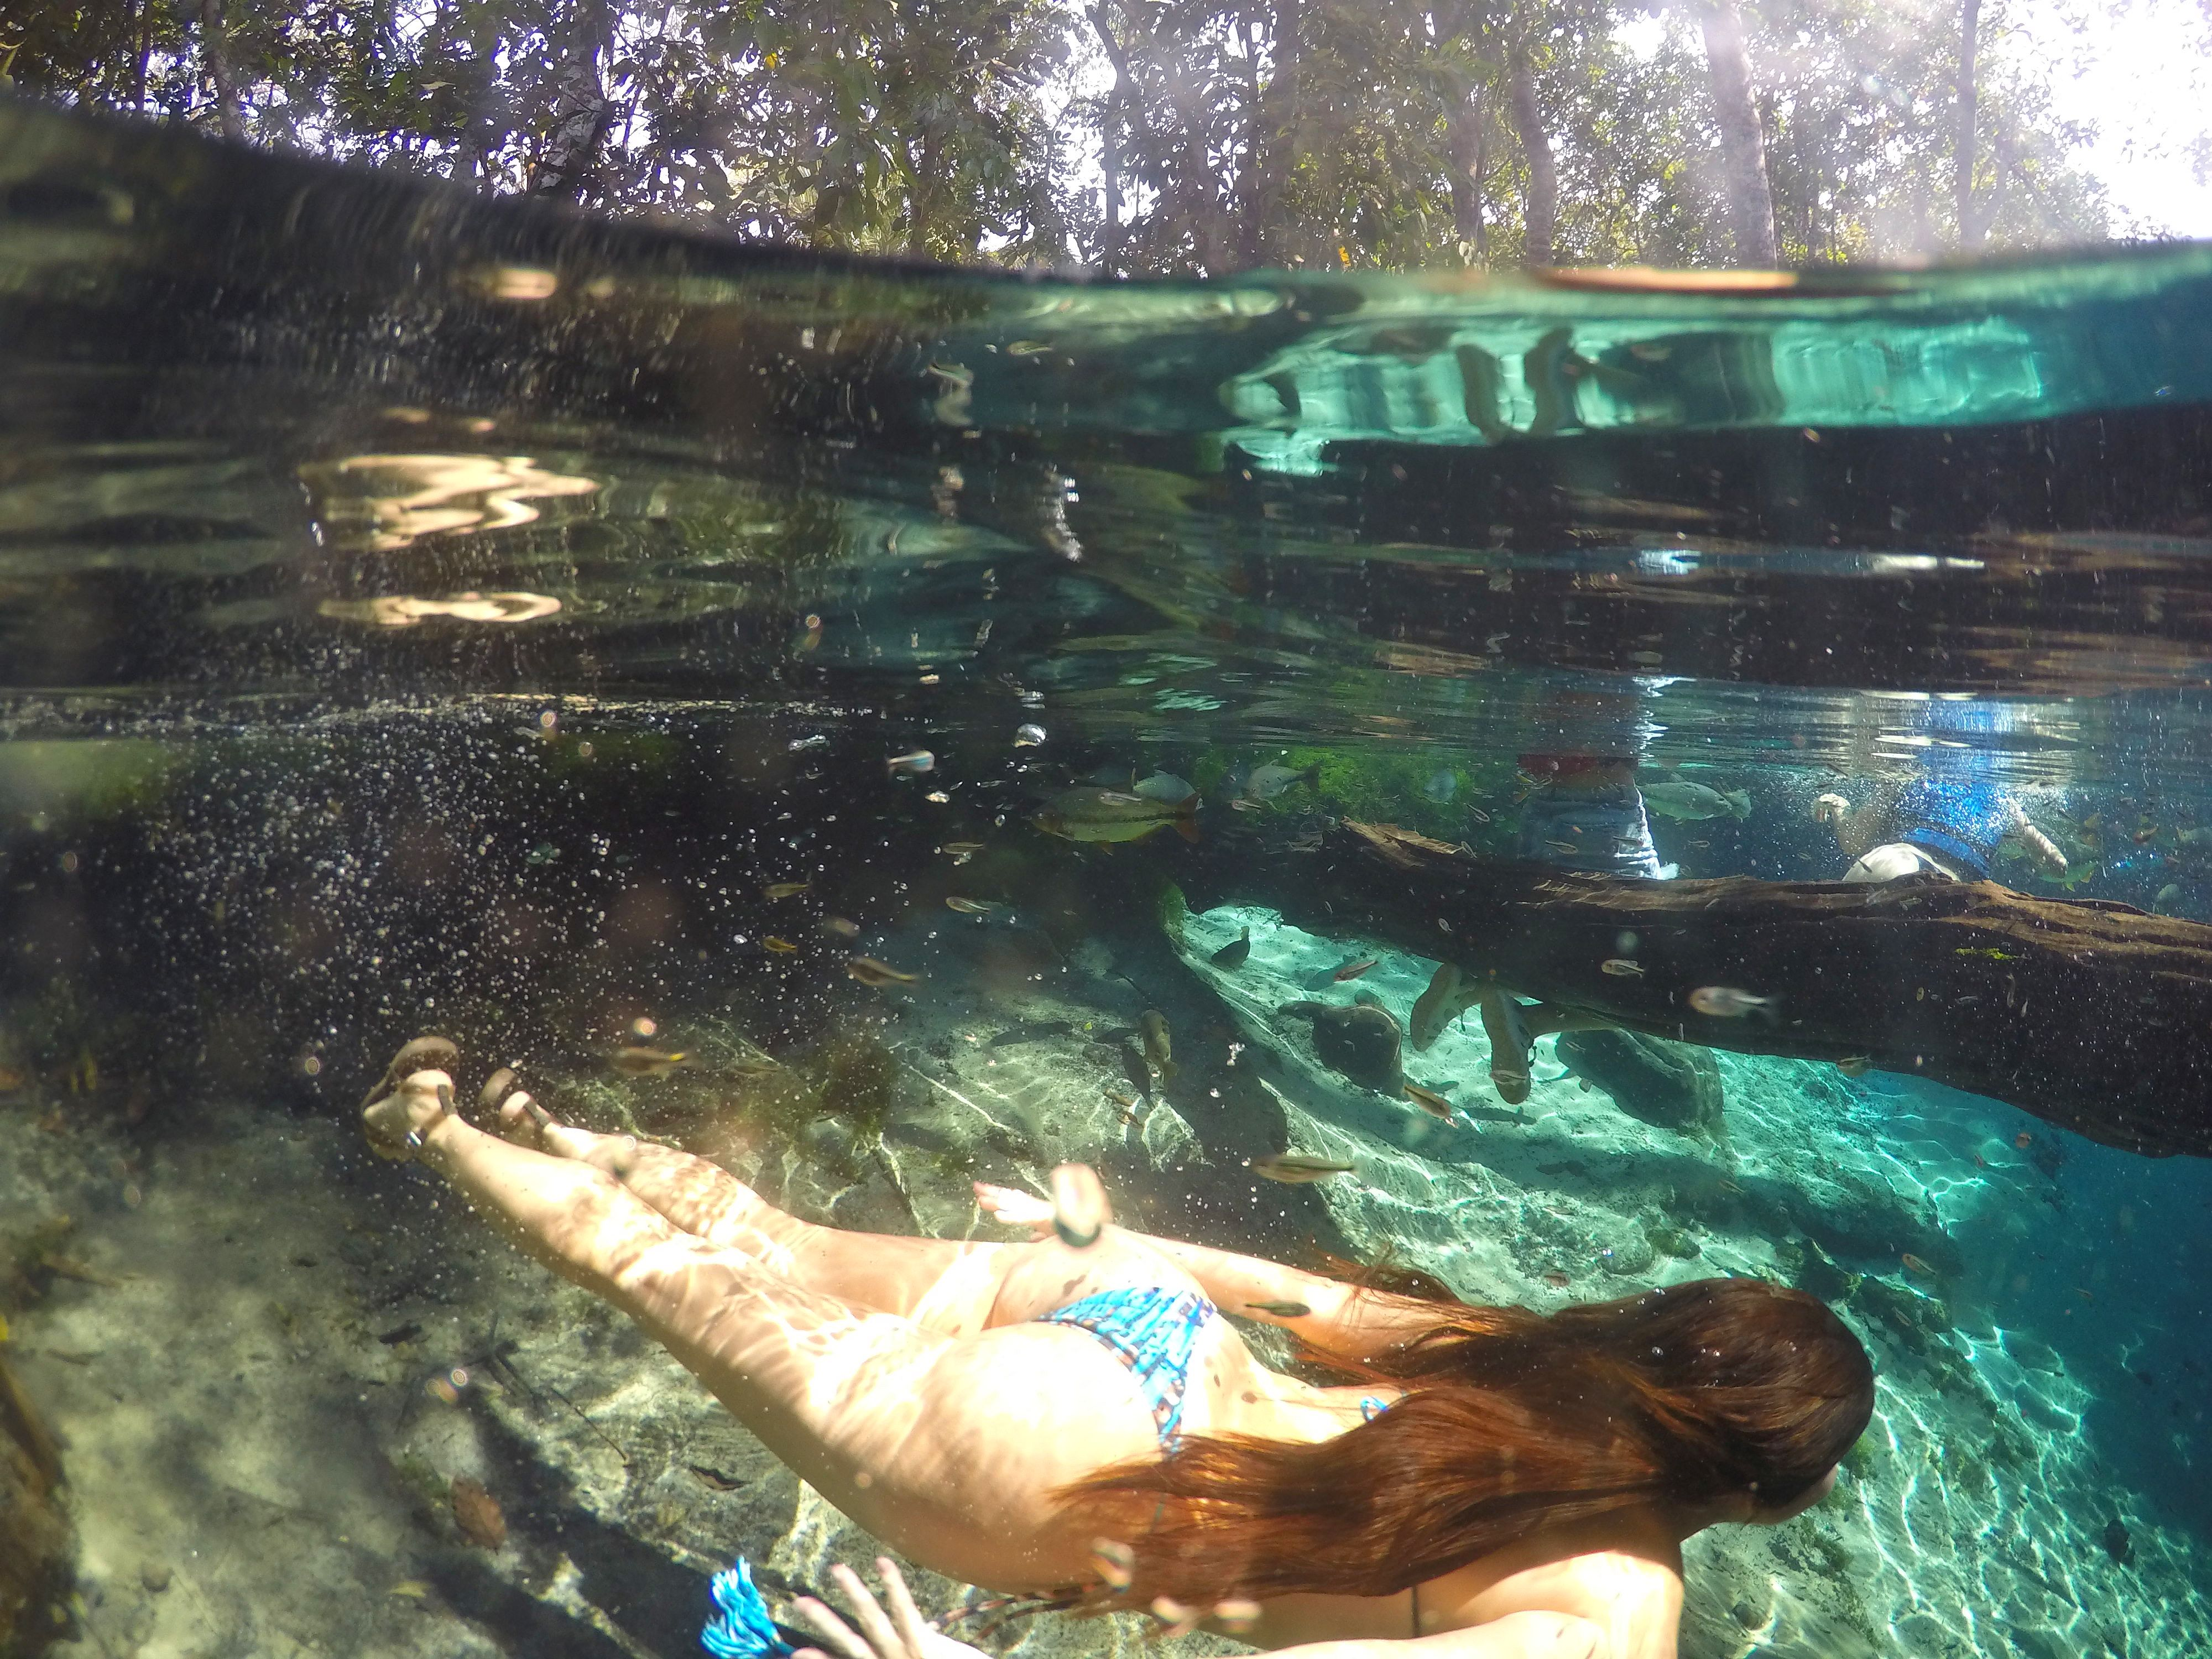 aquario-encantado-nobres